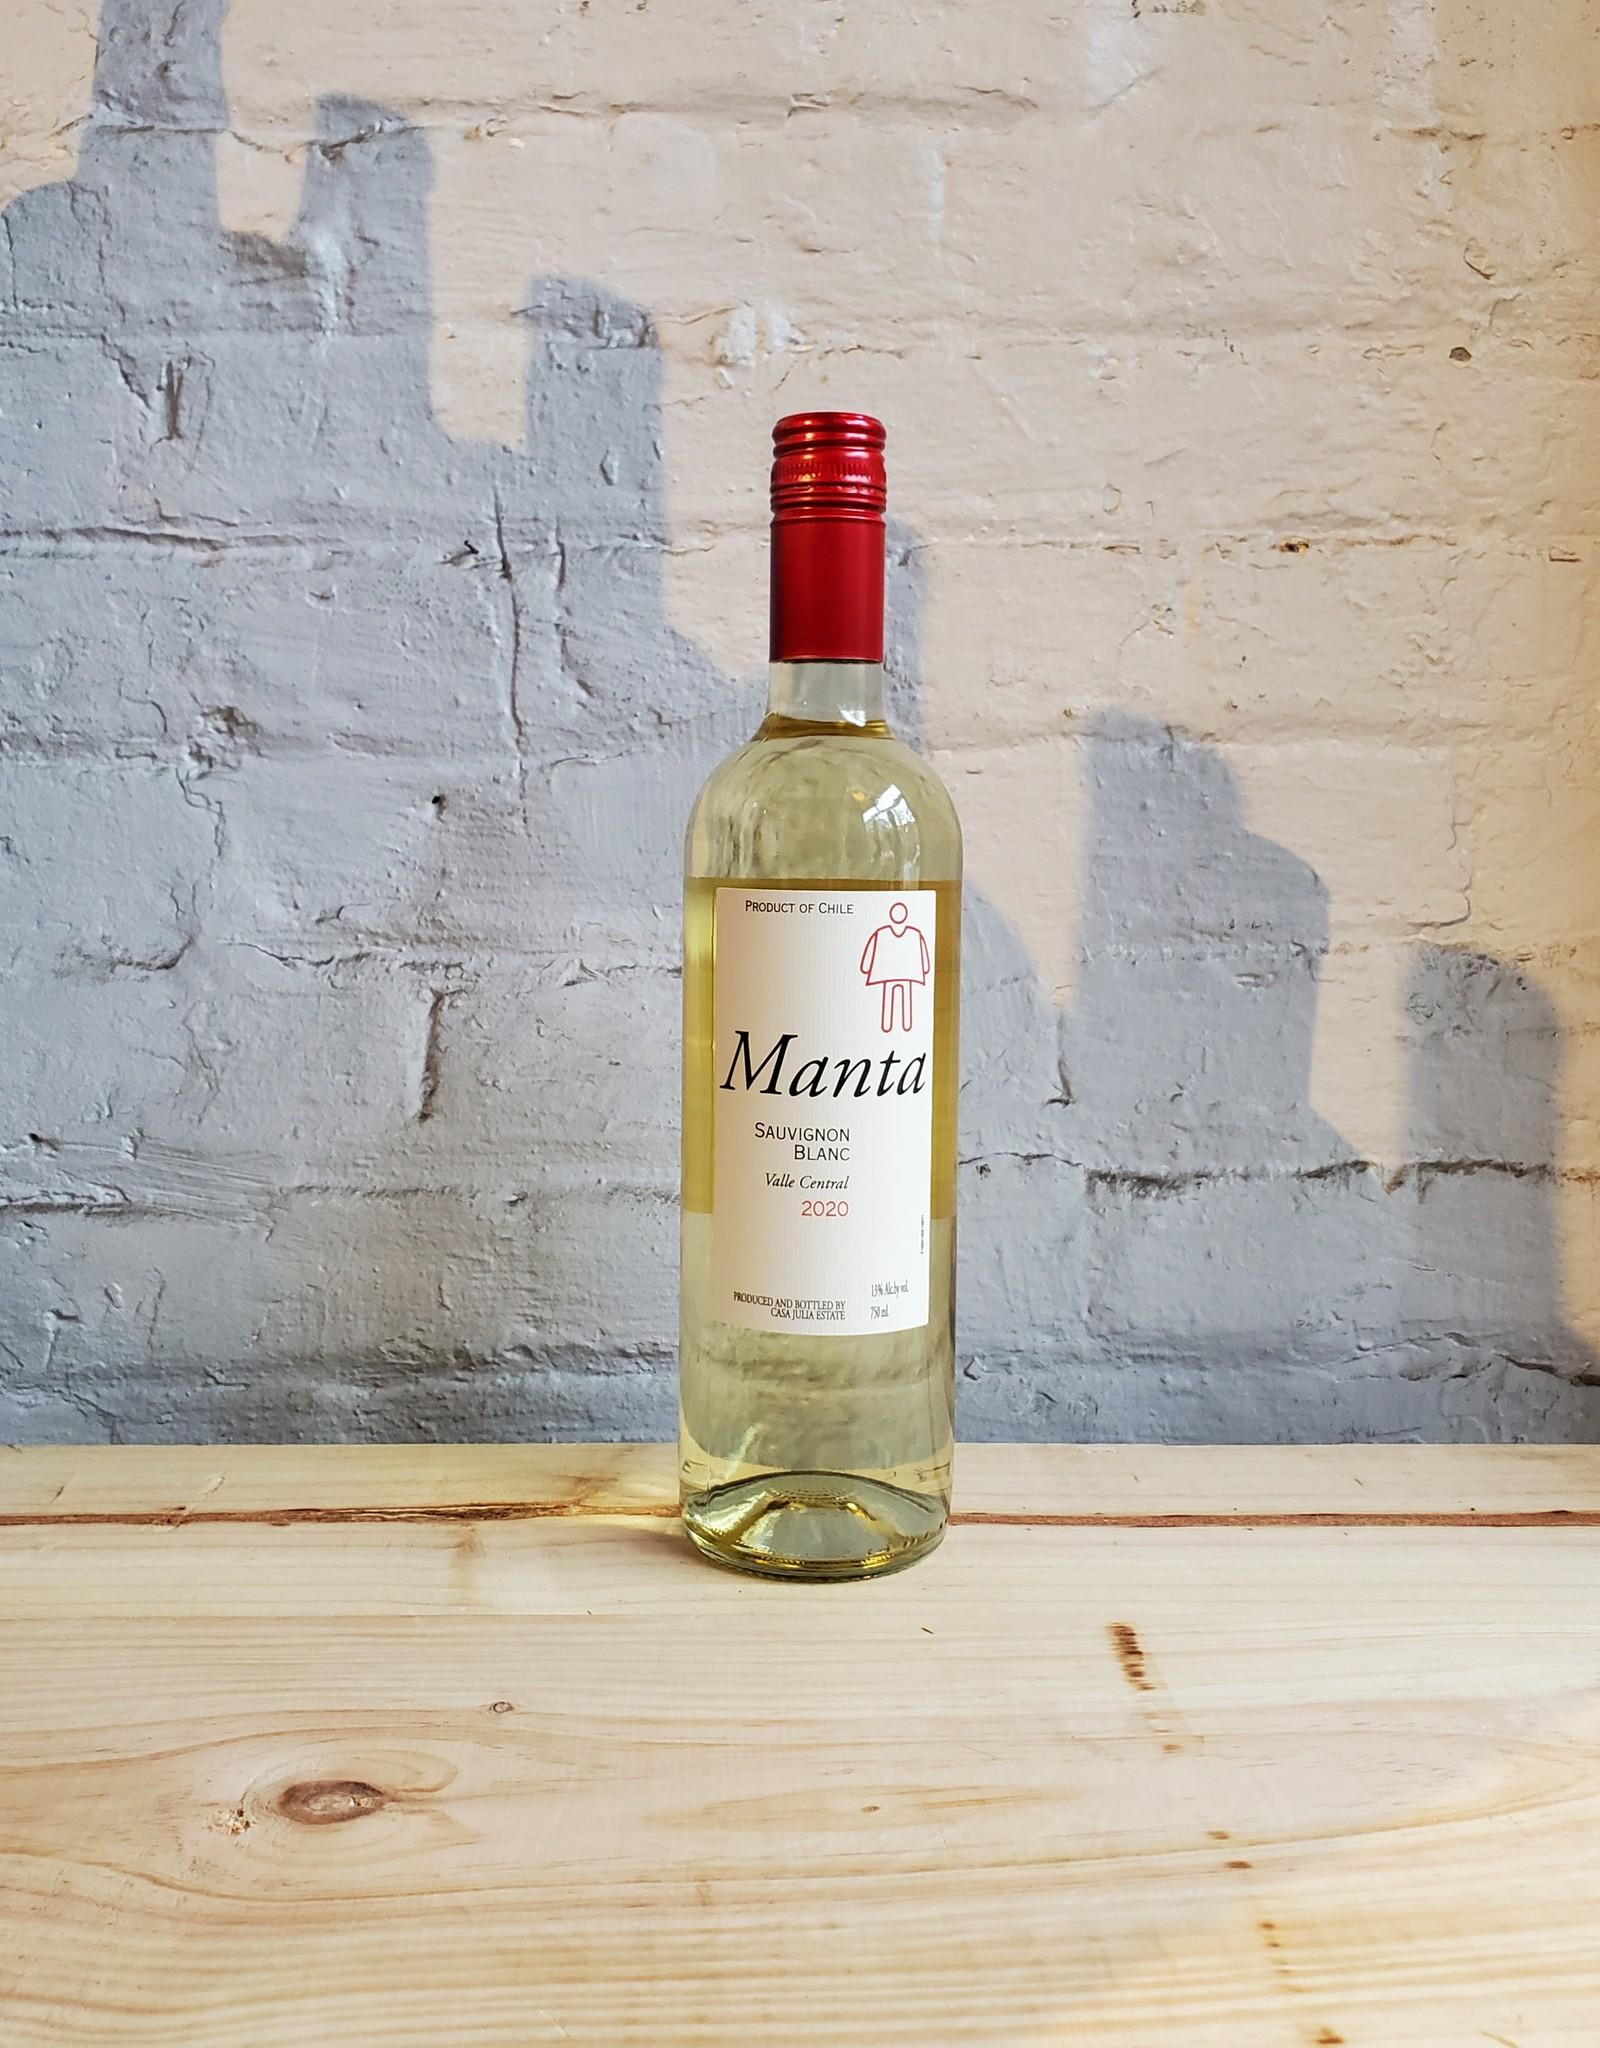 Wine 2020 Manta Sauvignon Blanc - Central Valley, Chile (750ml)